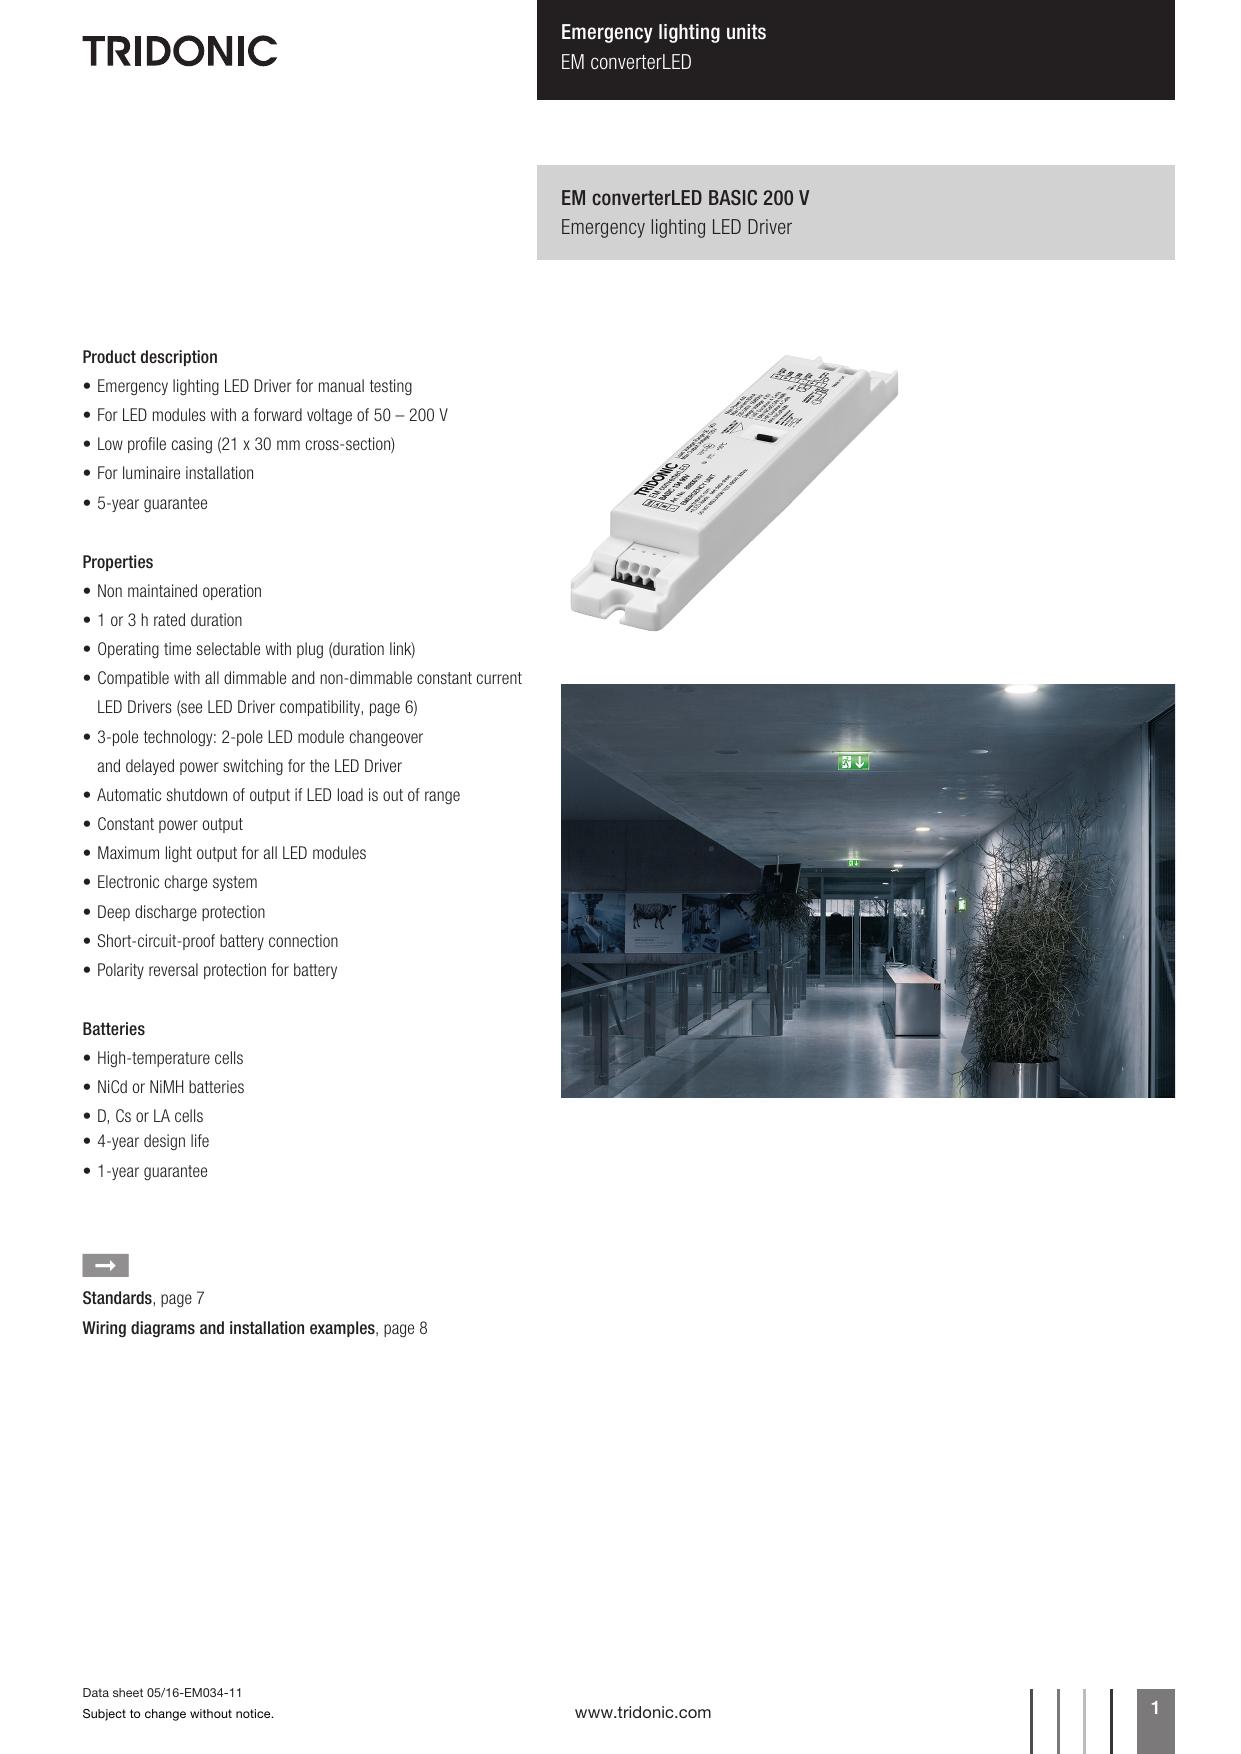 Emergency Lighting Units Em Converterled Basic Led Module Wiring Diagram